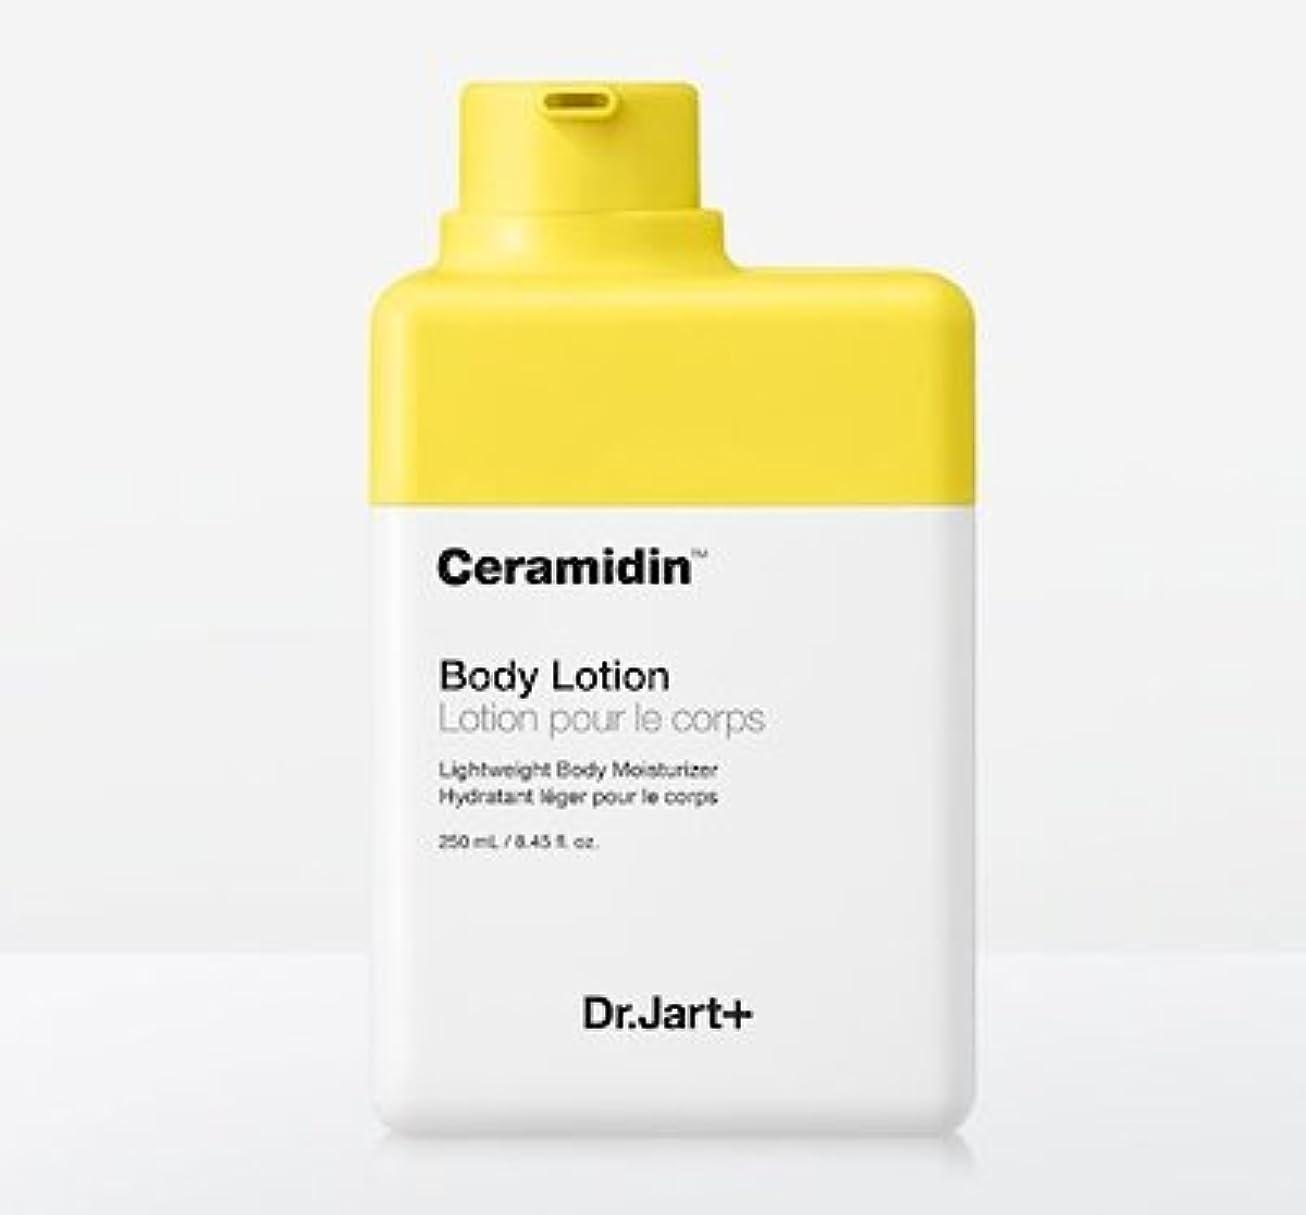 溶岩病気置換ドクタージャルトセラマイディンボディローション Dr.Jart Ceramidin Body Lotion 250ml [並行輸入品]